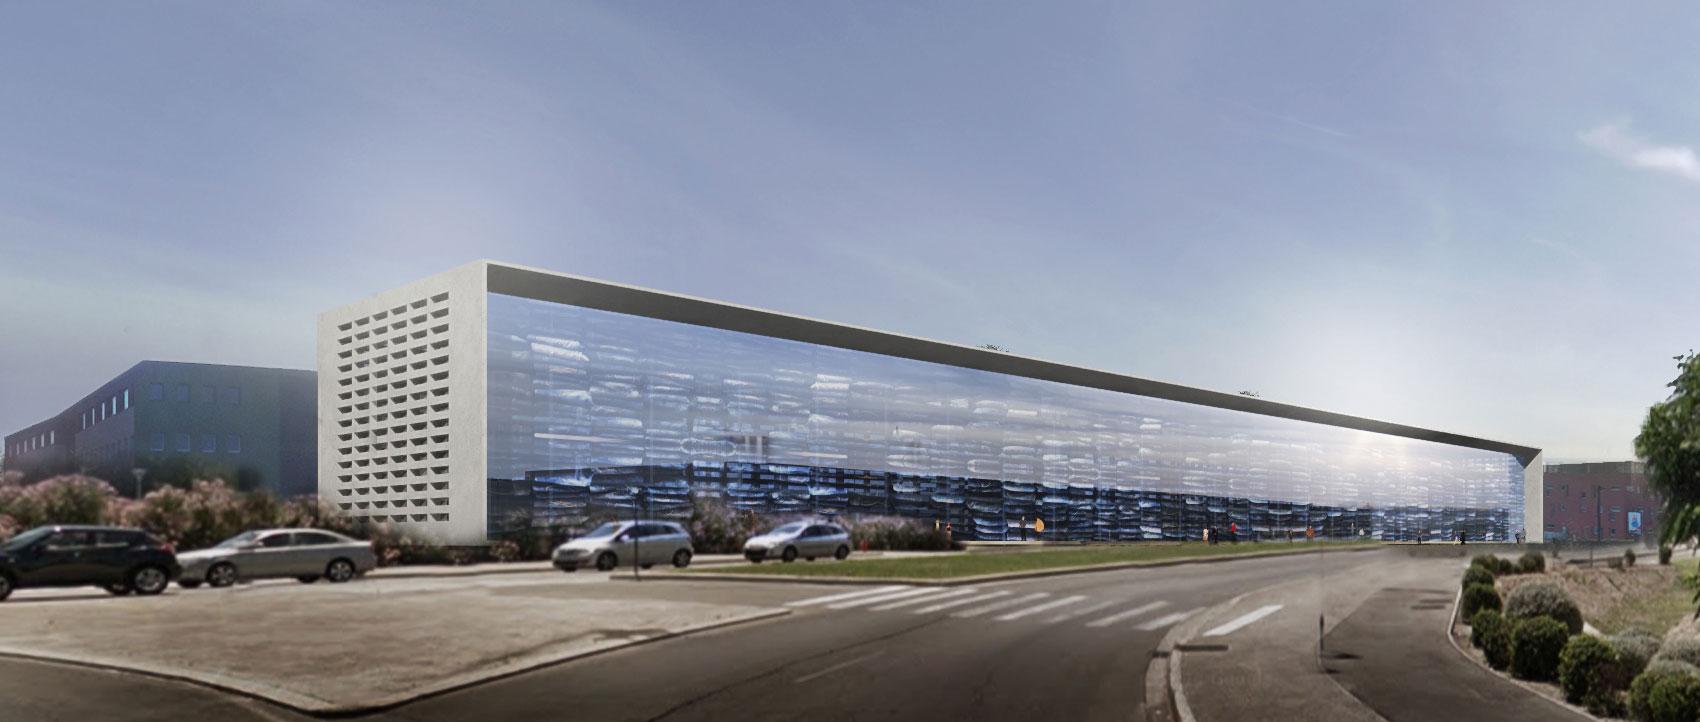 PGB 123 : un projet architecturale de renommée mondiale à Nîmes Newsroom